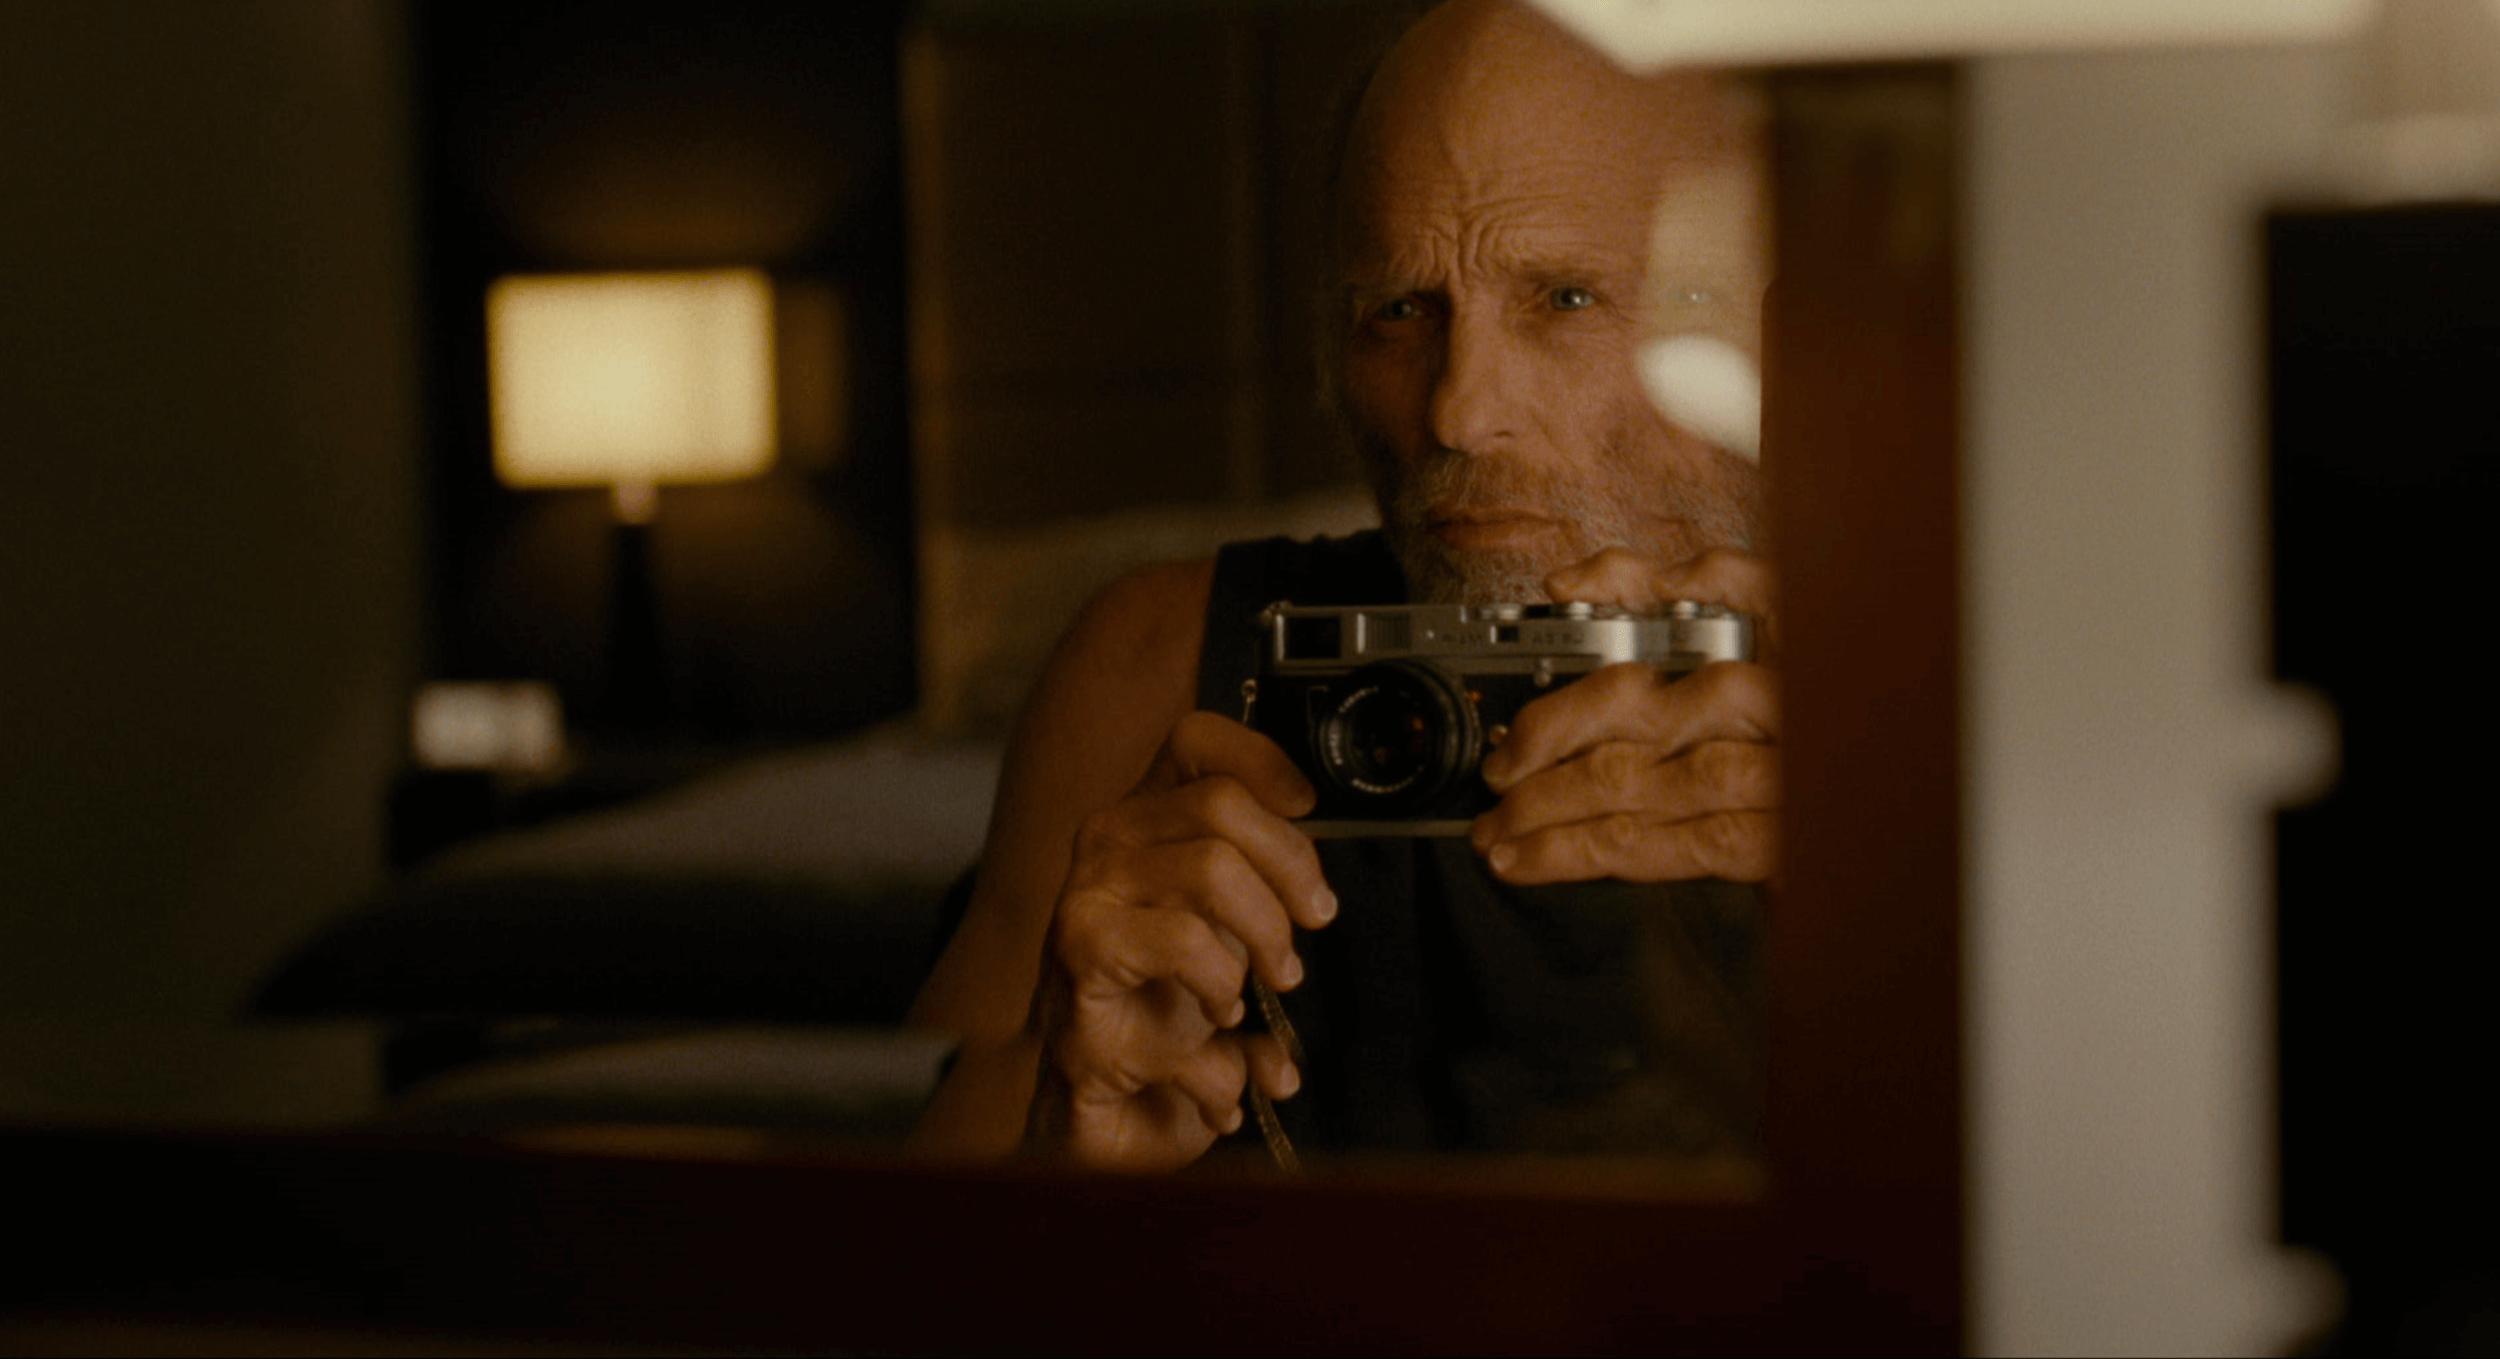 改編紐約拾飽熱門文章,喜愛柯達底片攝影的粉絲故事,艾德哈里斯《拾光人生》電影劇照。